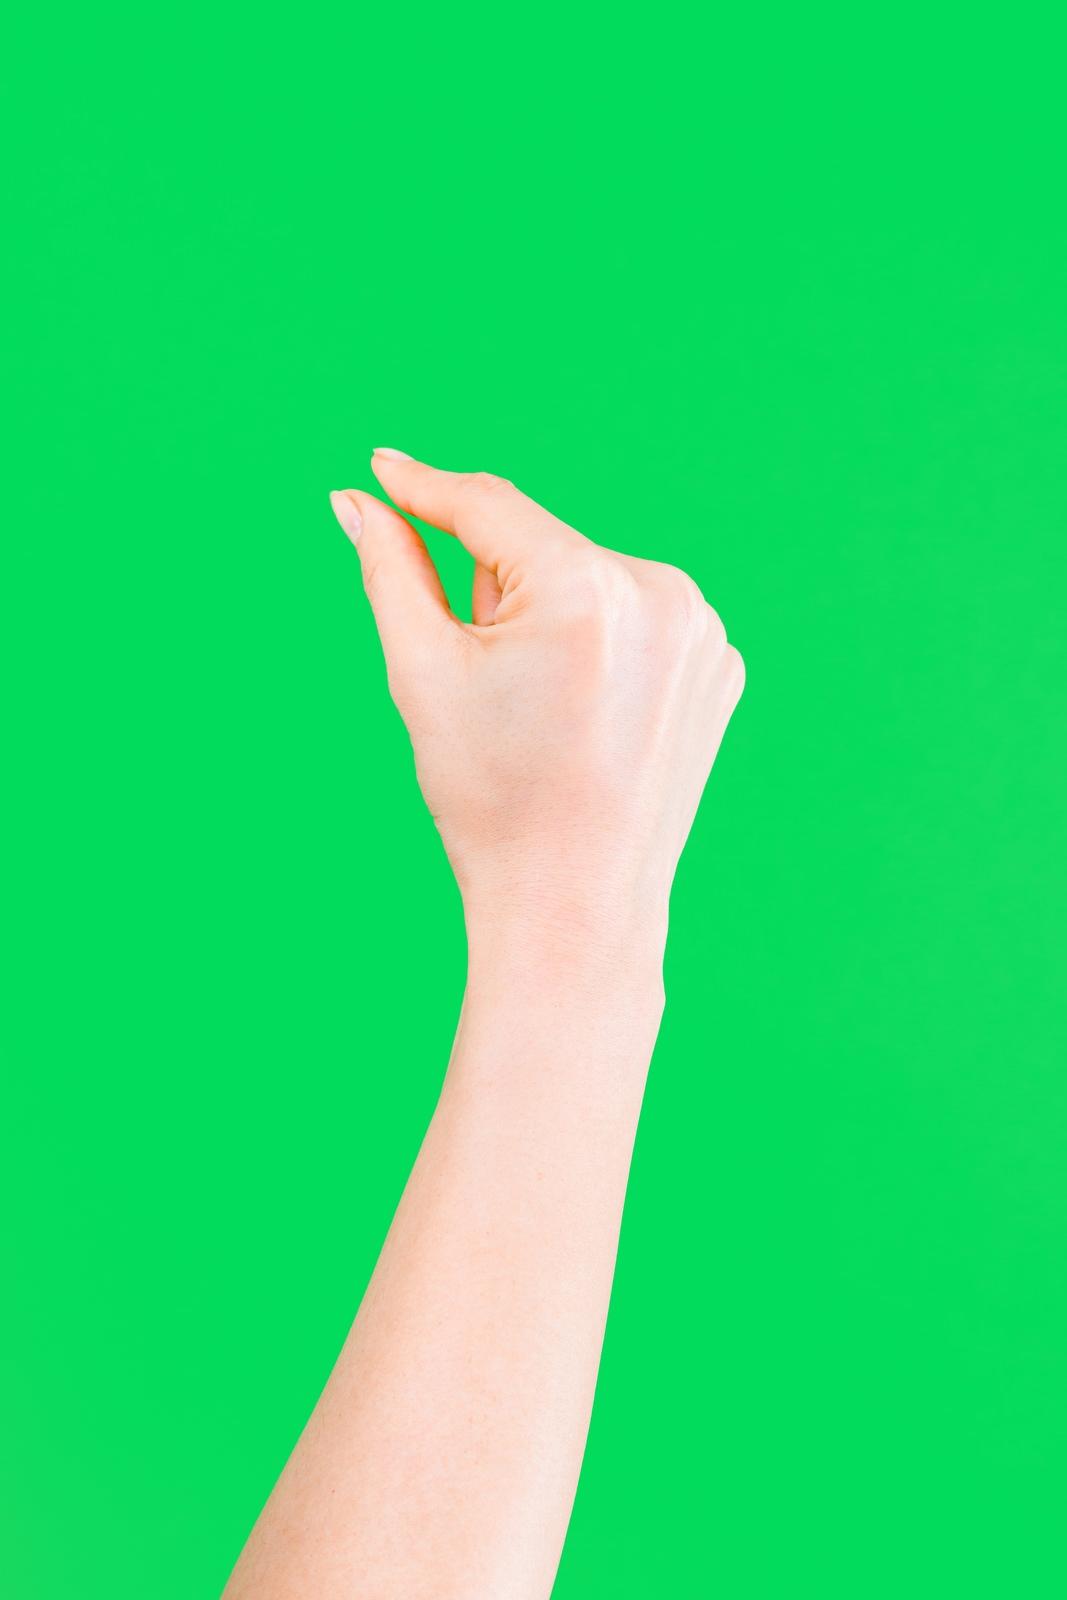 ピンチイン(グリーンバック)ピンチイン(グリーンバック) [モデル:MOA]